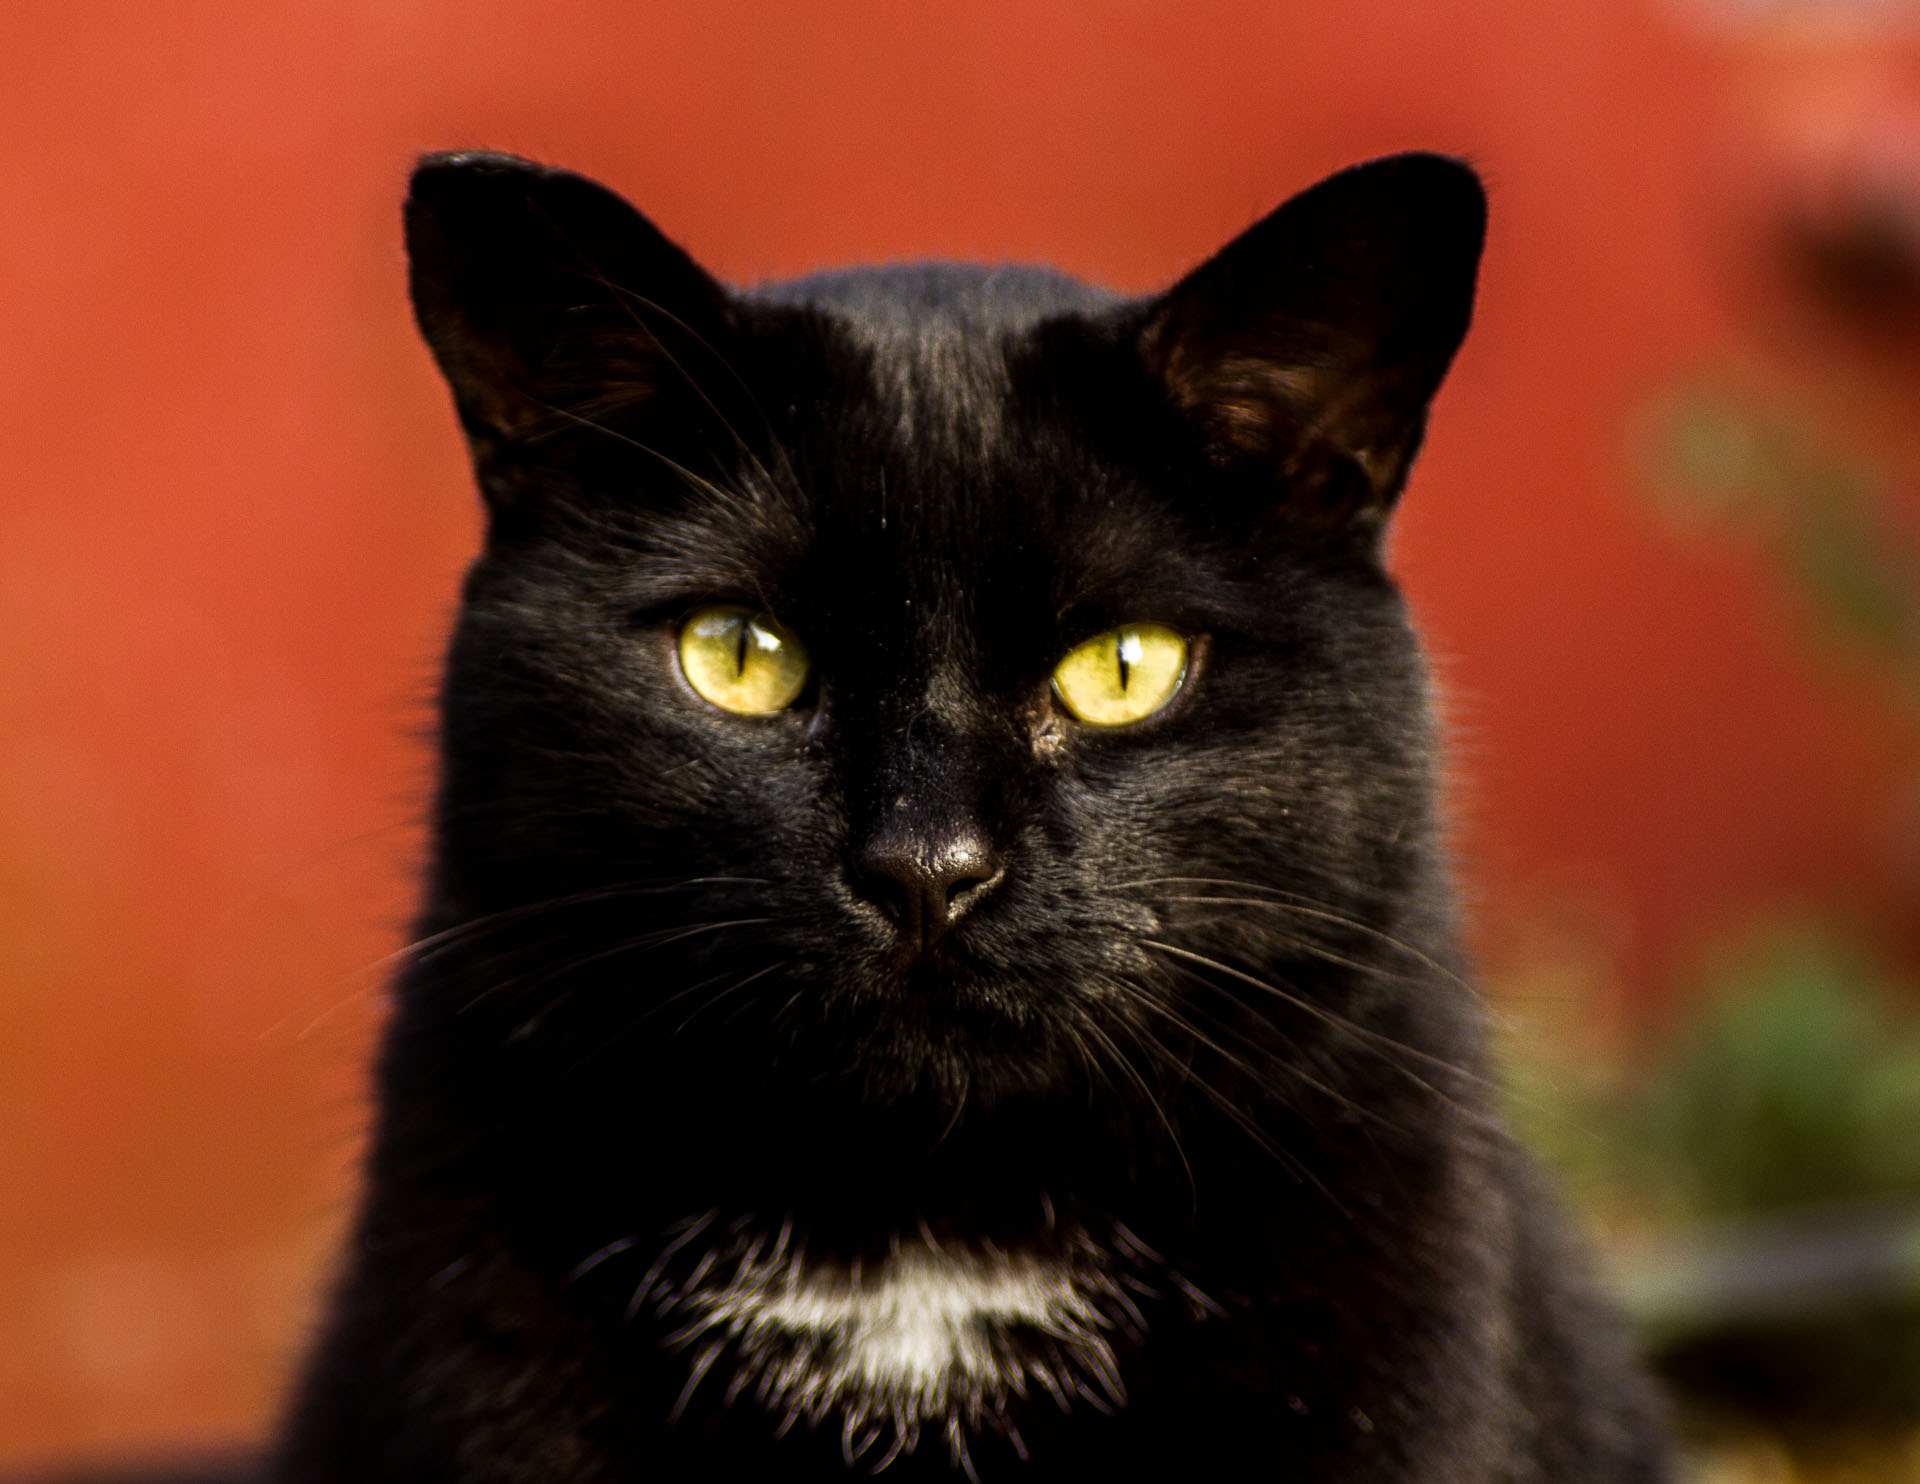 Black Cat Staring At Me